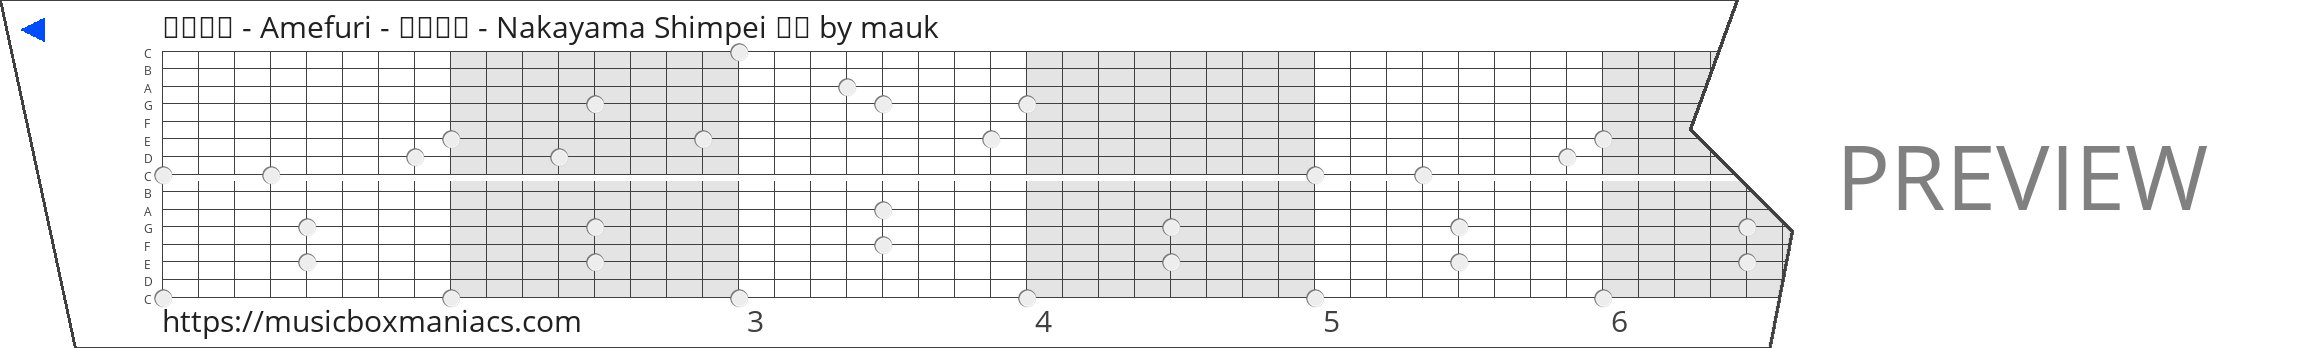 あめふり - Amefuri - 中山晋平 - Nakayama Shimpei 🌧️ 15 note music box paper strip